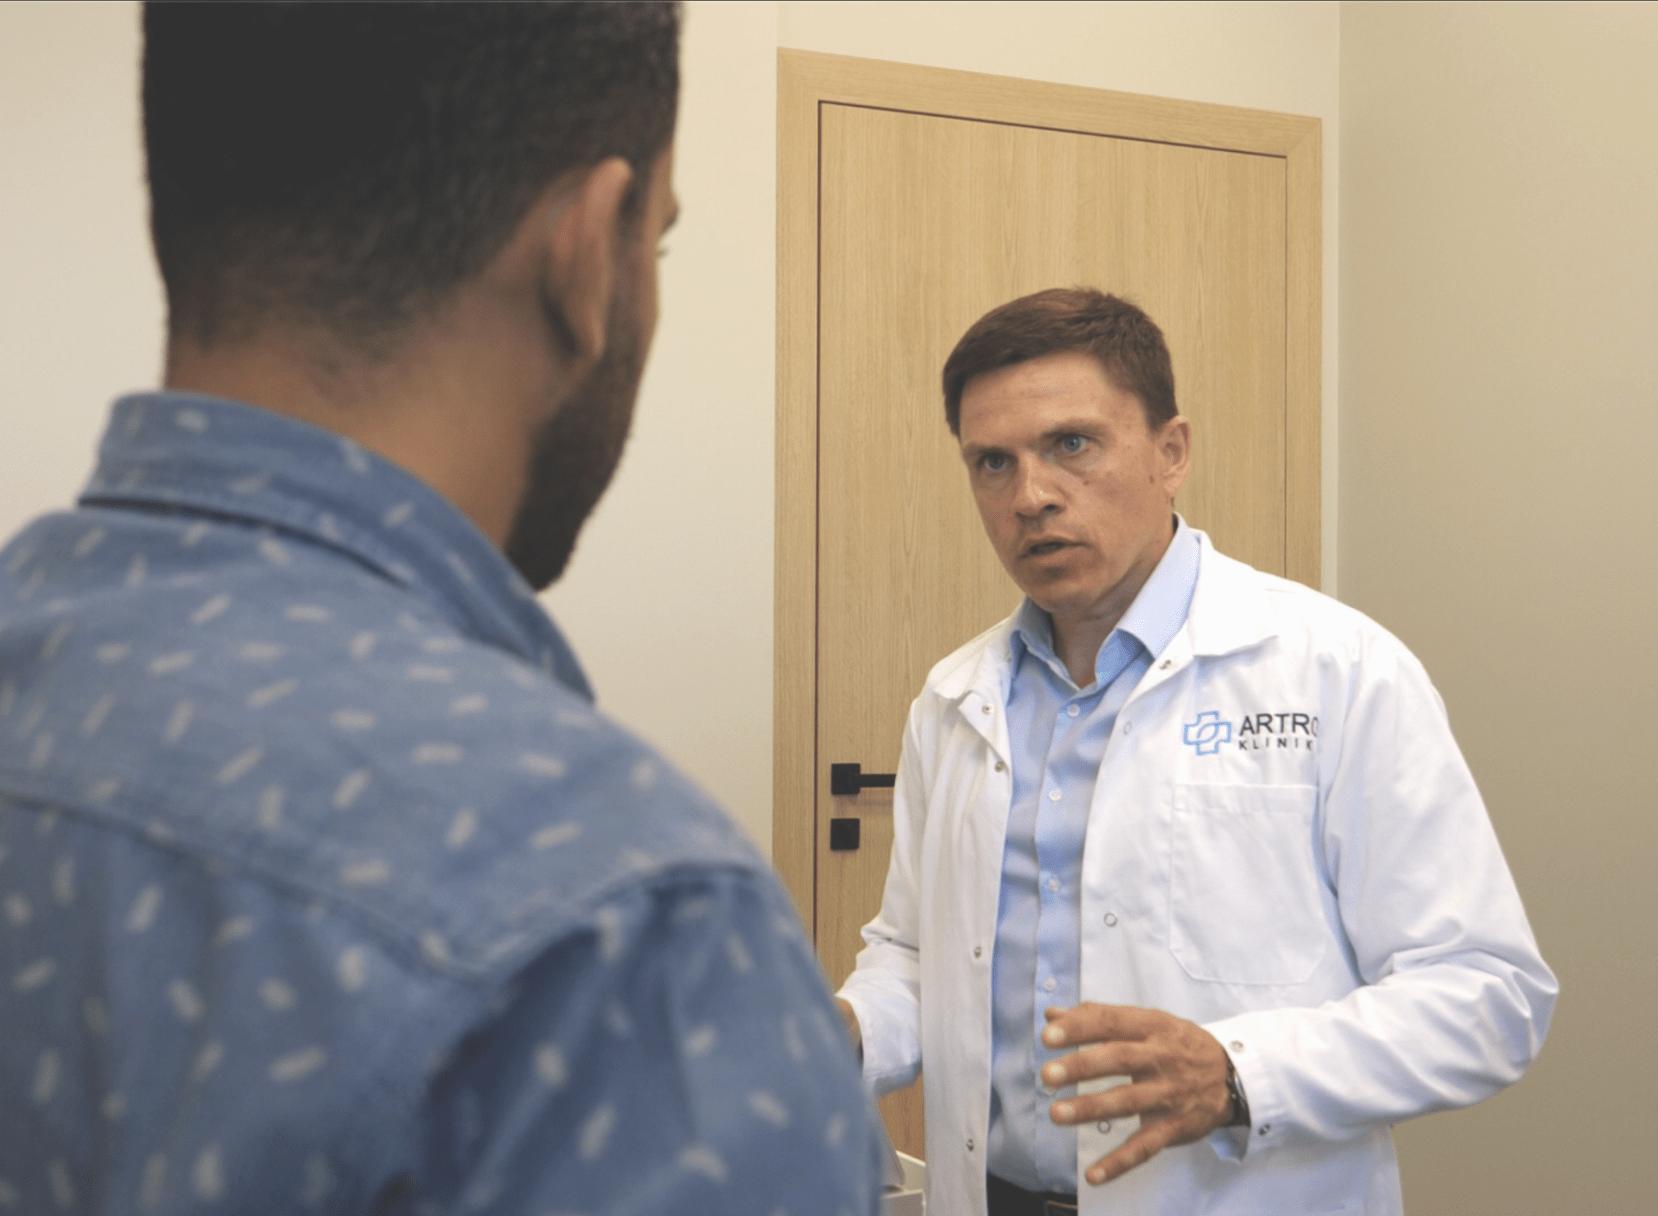 Būkite atsargūs: medikai įvardija pagrindines traumas, po kurių aktyvi vasara gali baigtis